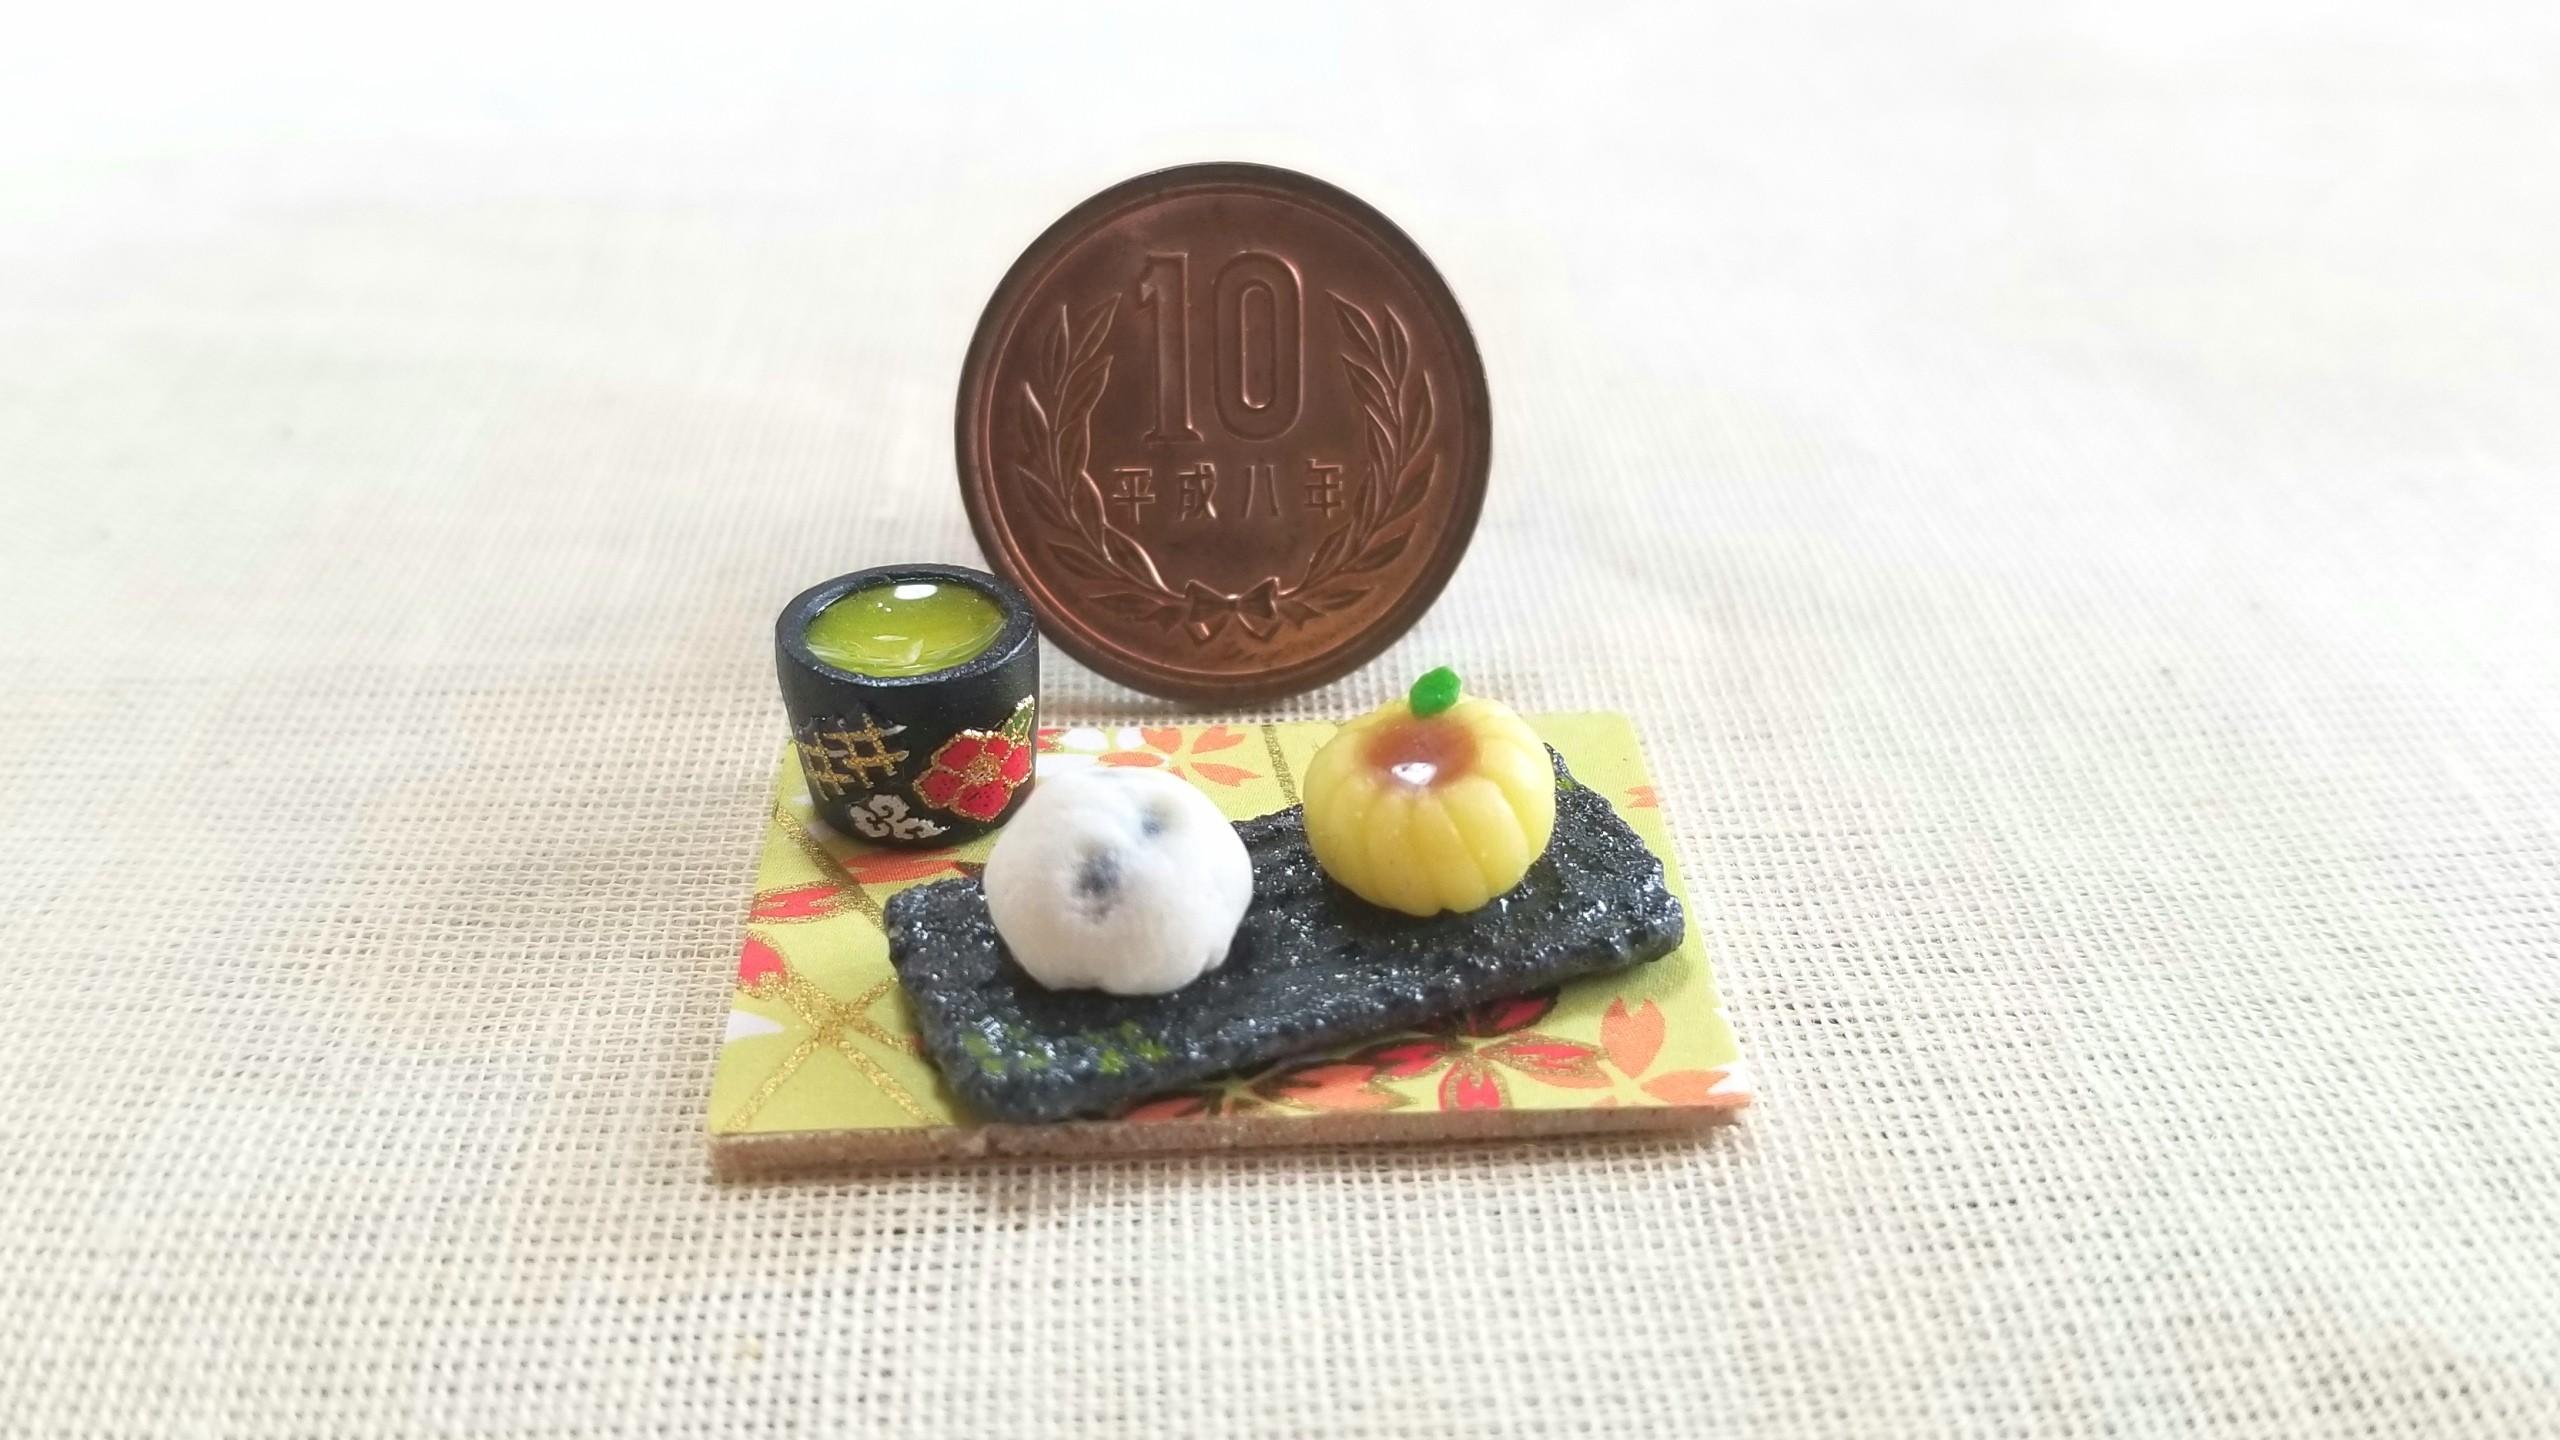 おいしい和菓子生菓子,おすすめ人気商品,ミンネで販売,ミニチュア